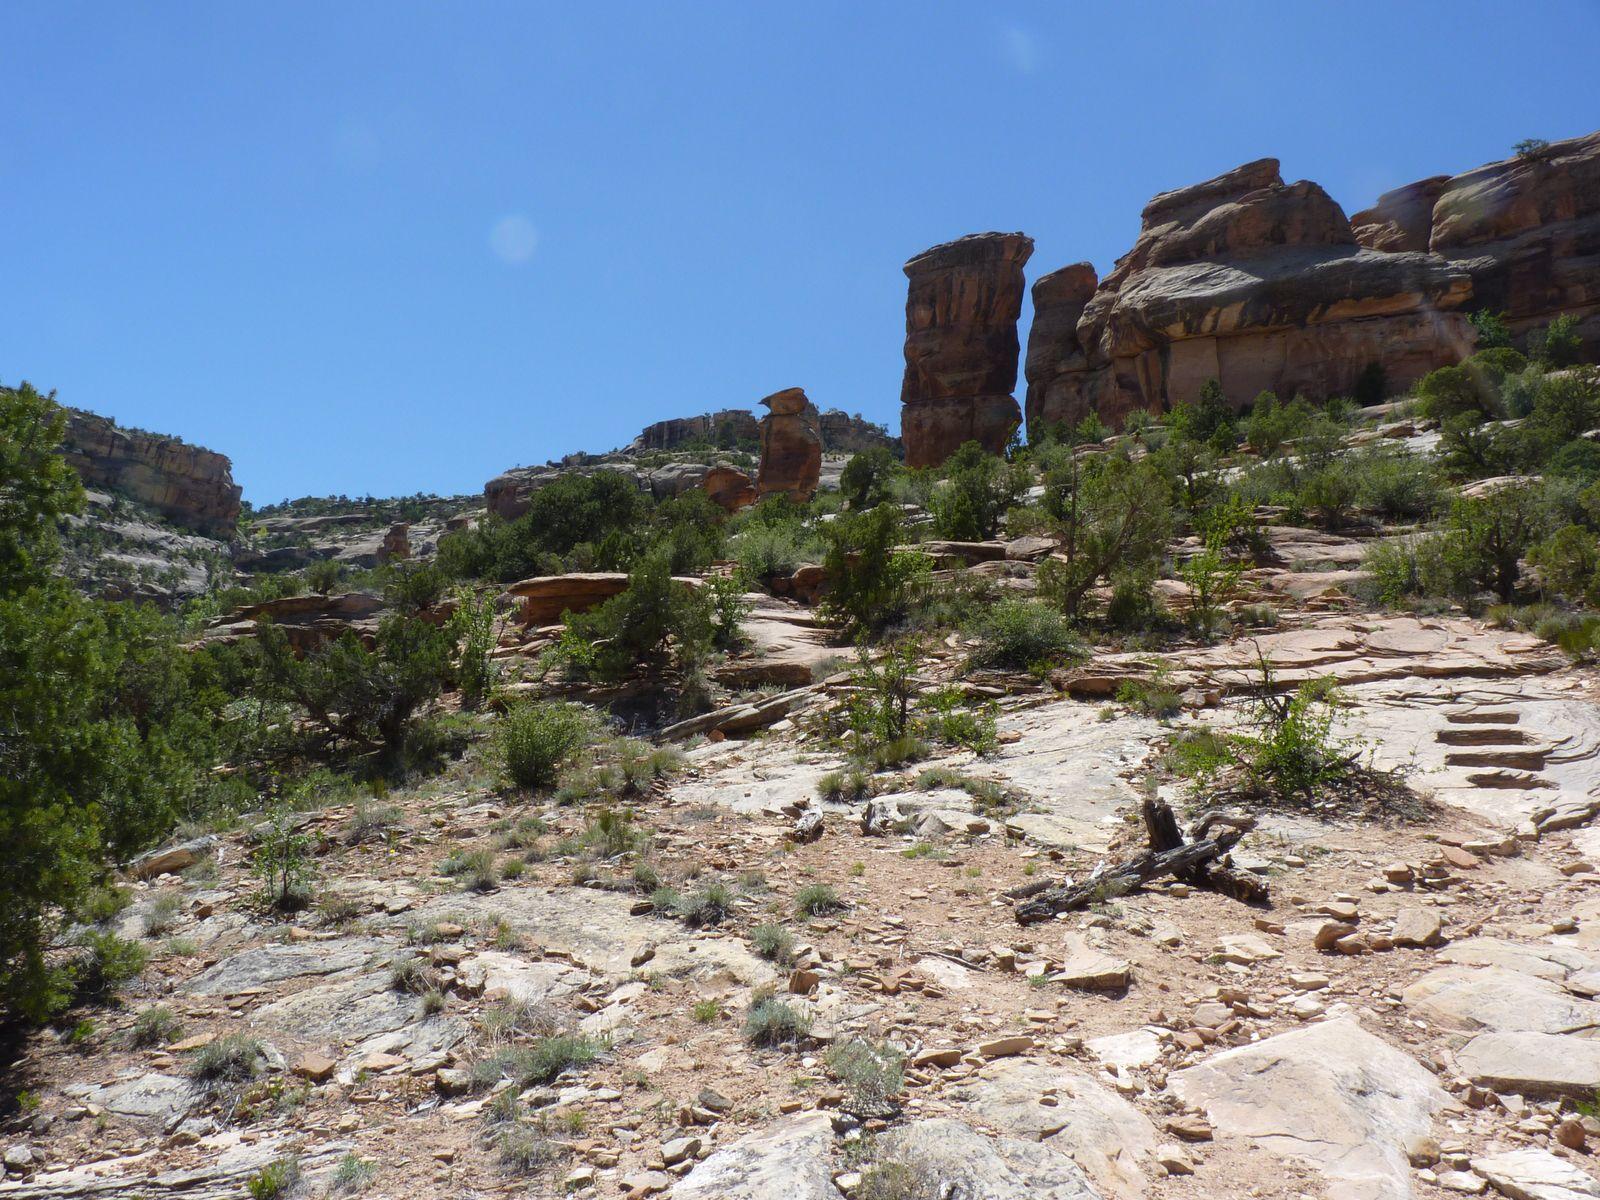 Découverte du Colorado National Monument